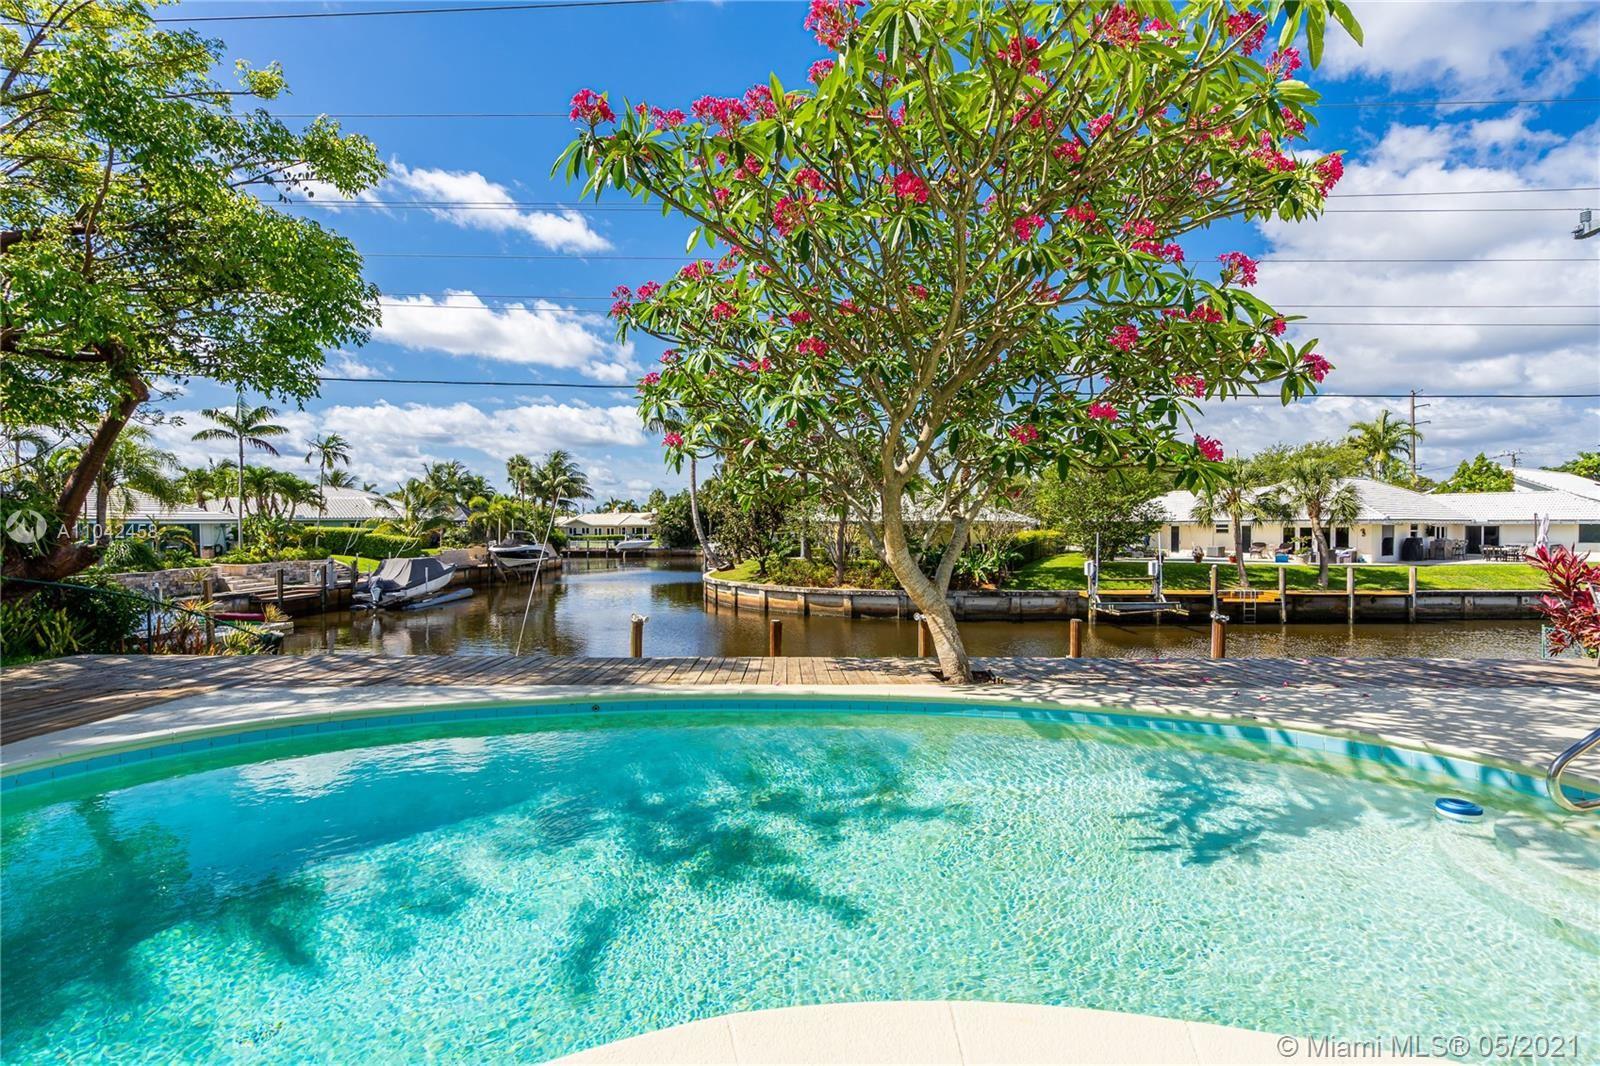 840 SW 7th St, Boca Raton, FL 33486 - #: A11042458